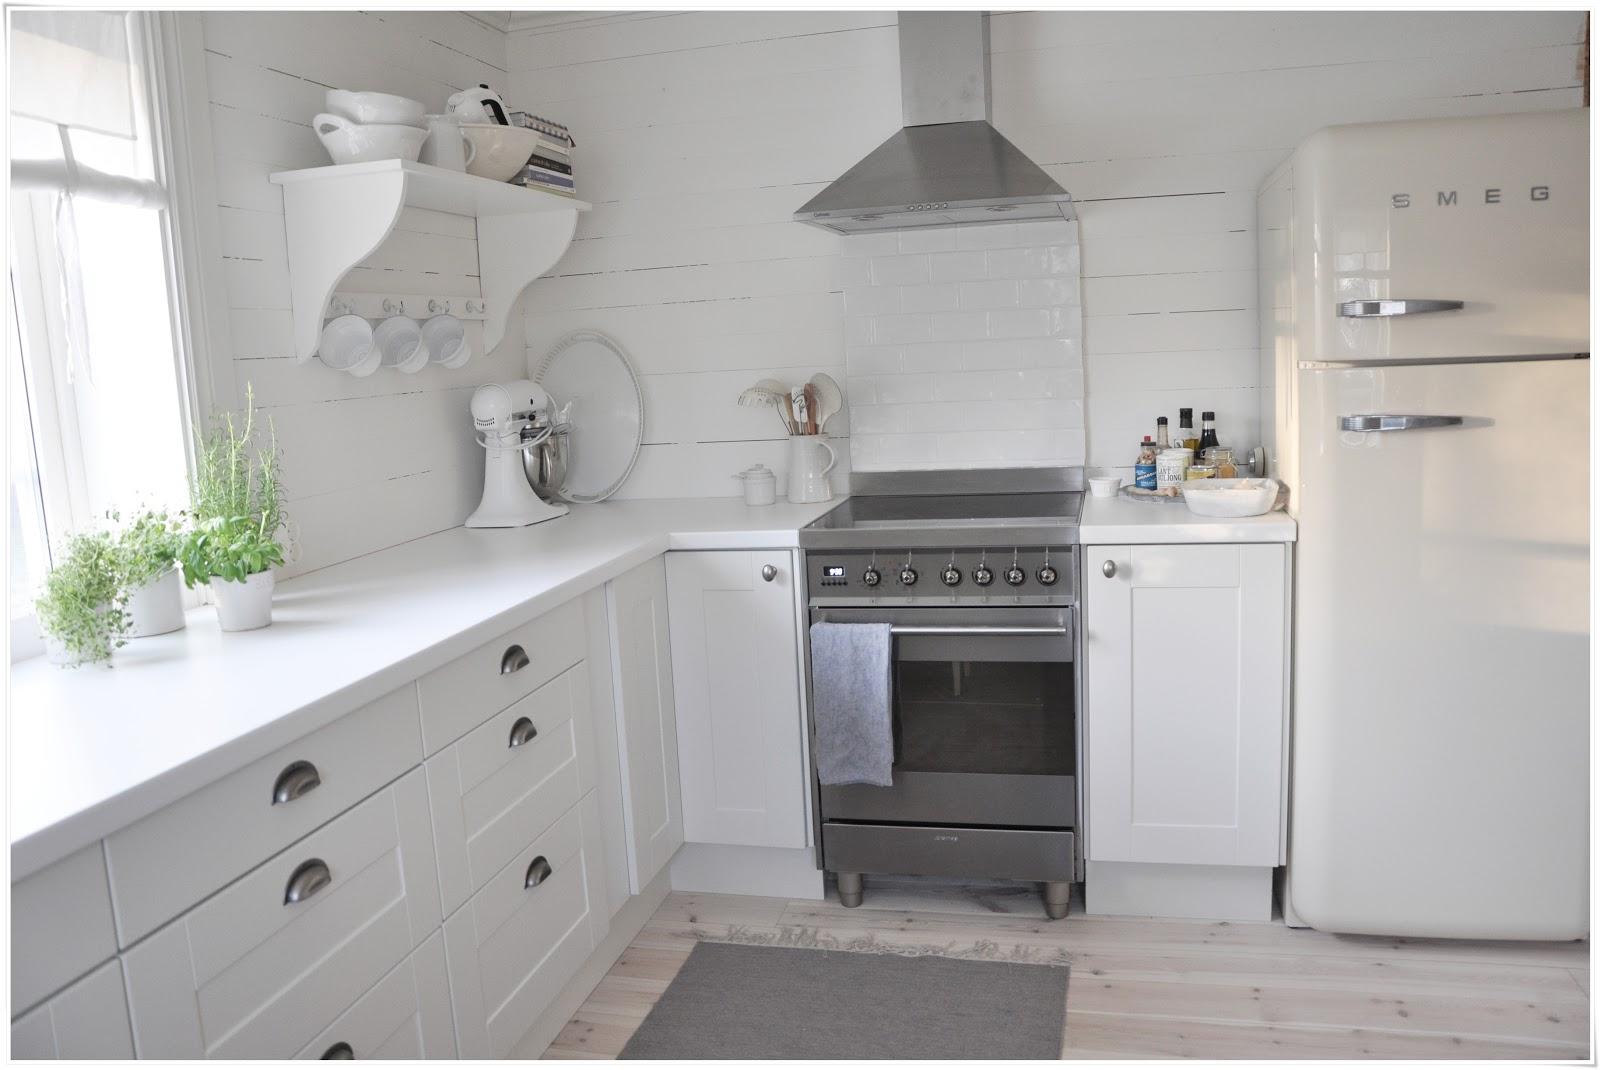 Marias vita bo: hyllor i köket på plats!